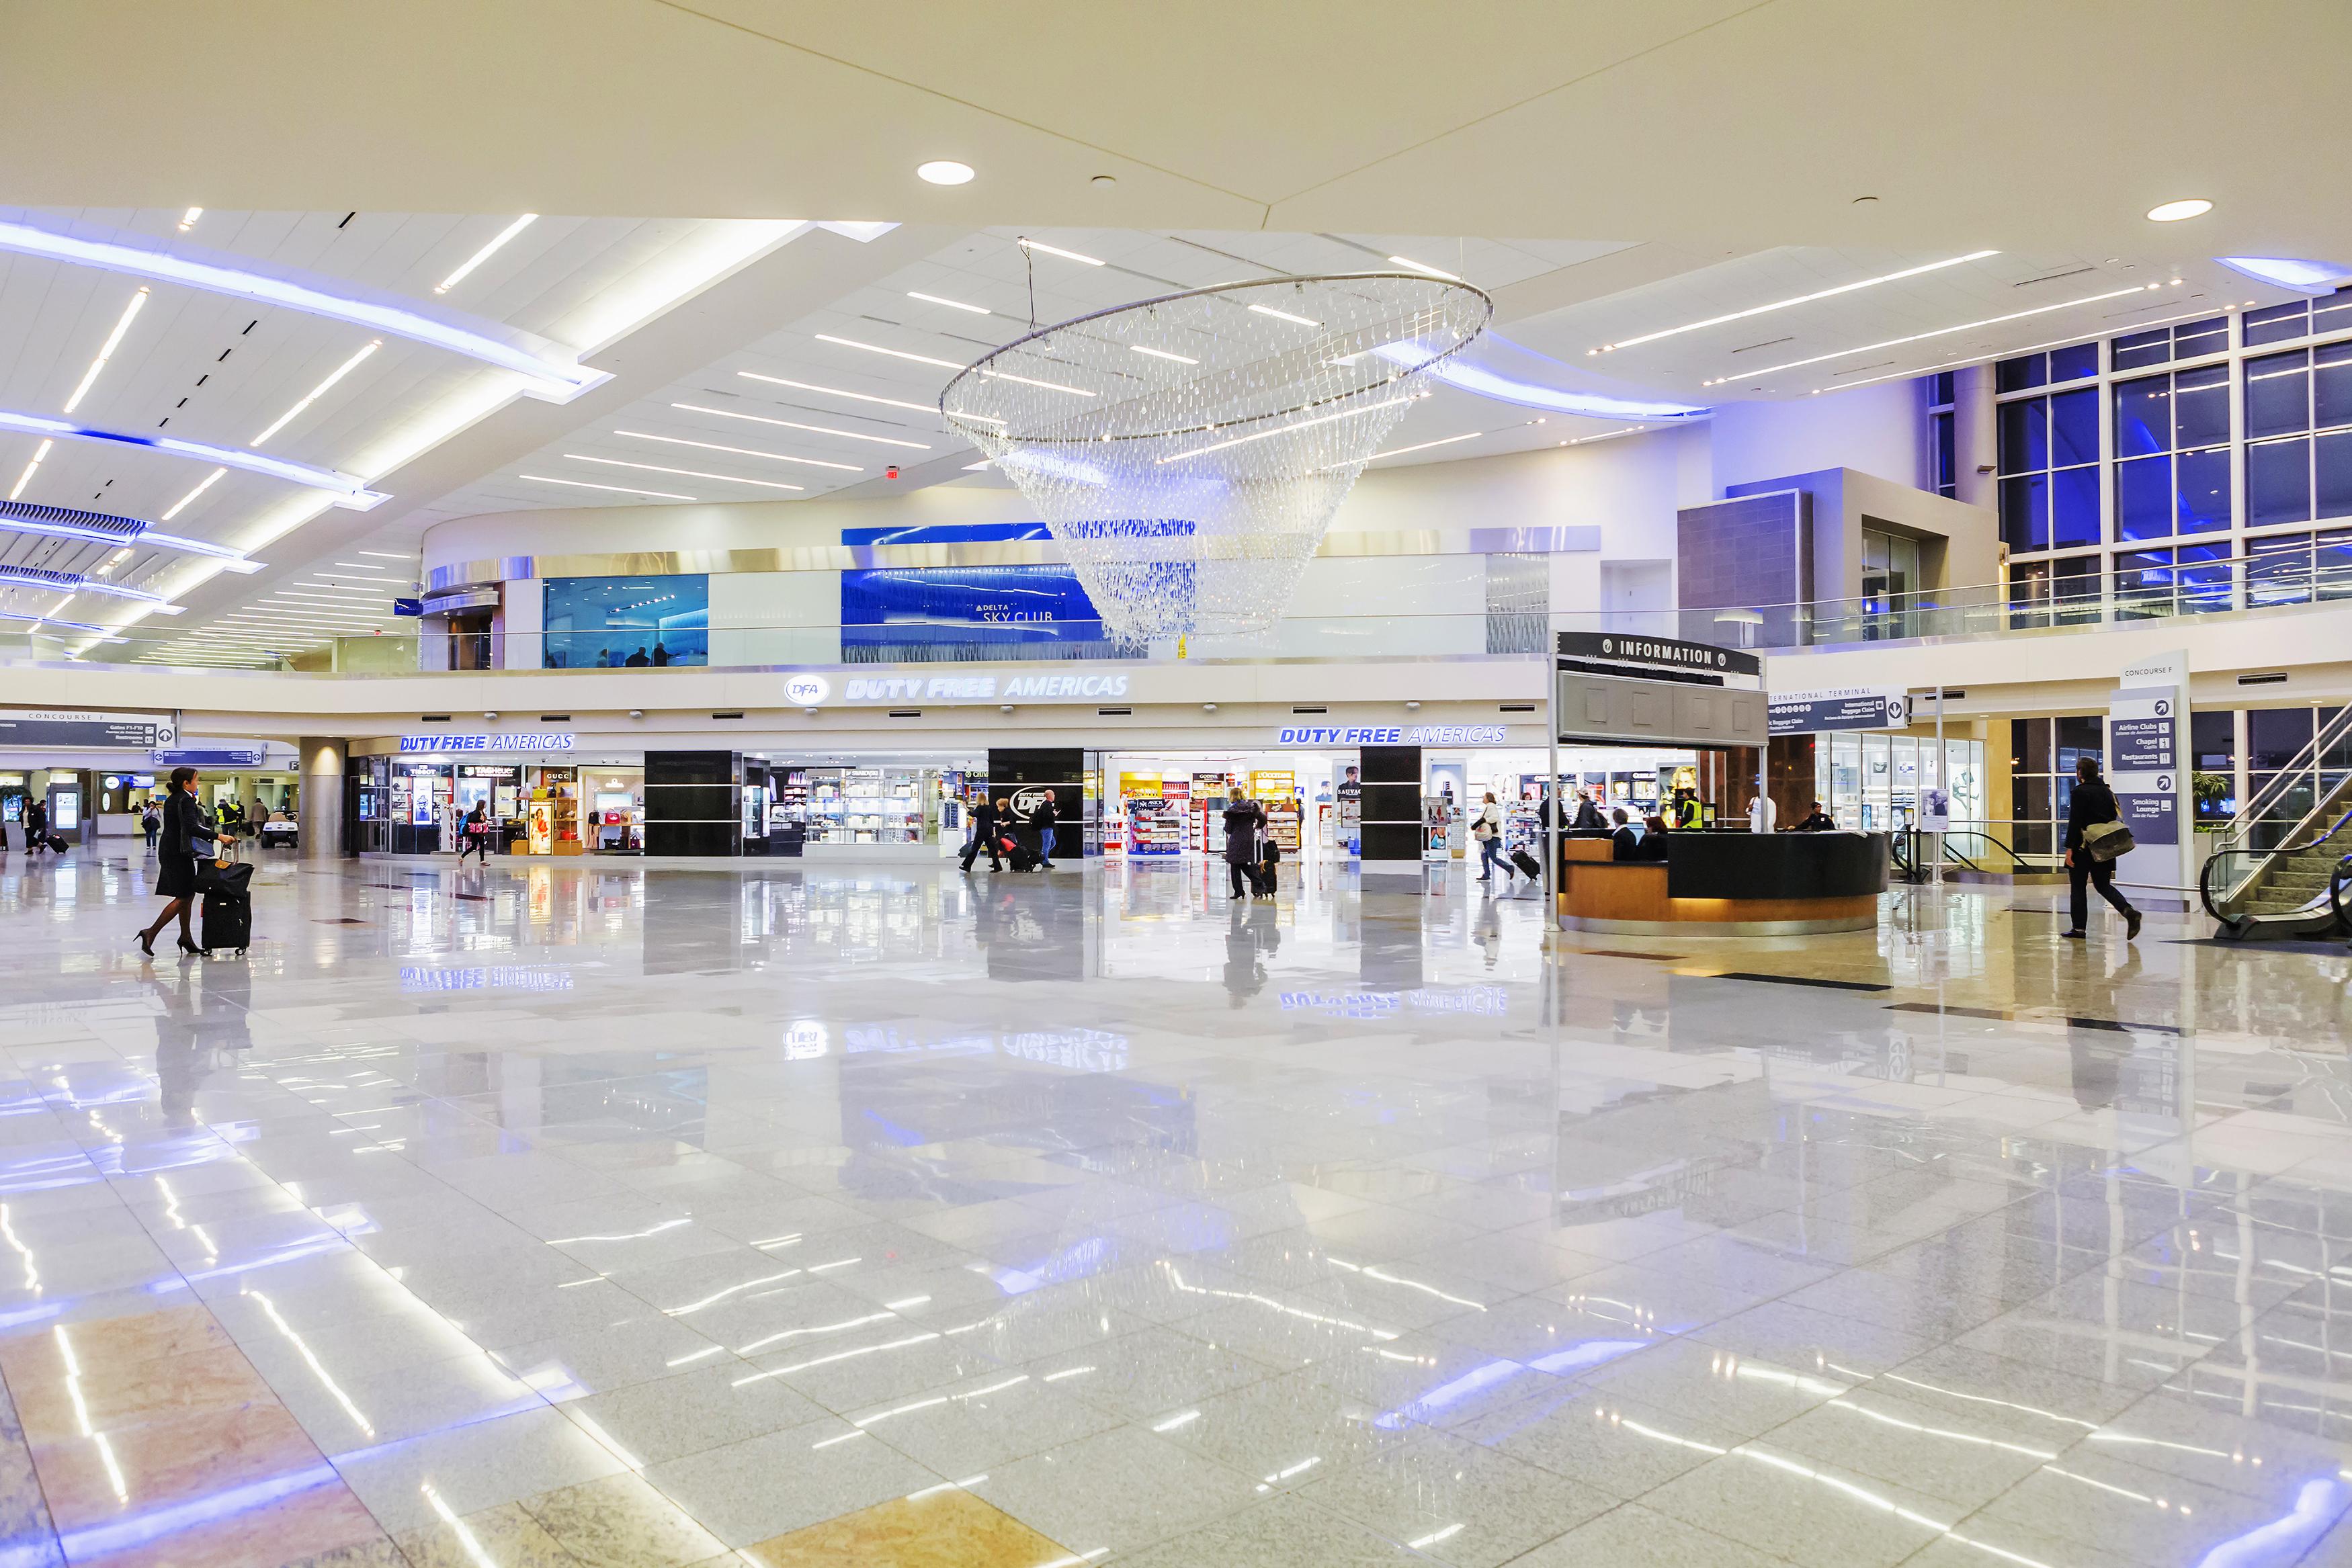 The Atlanta Airport